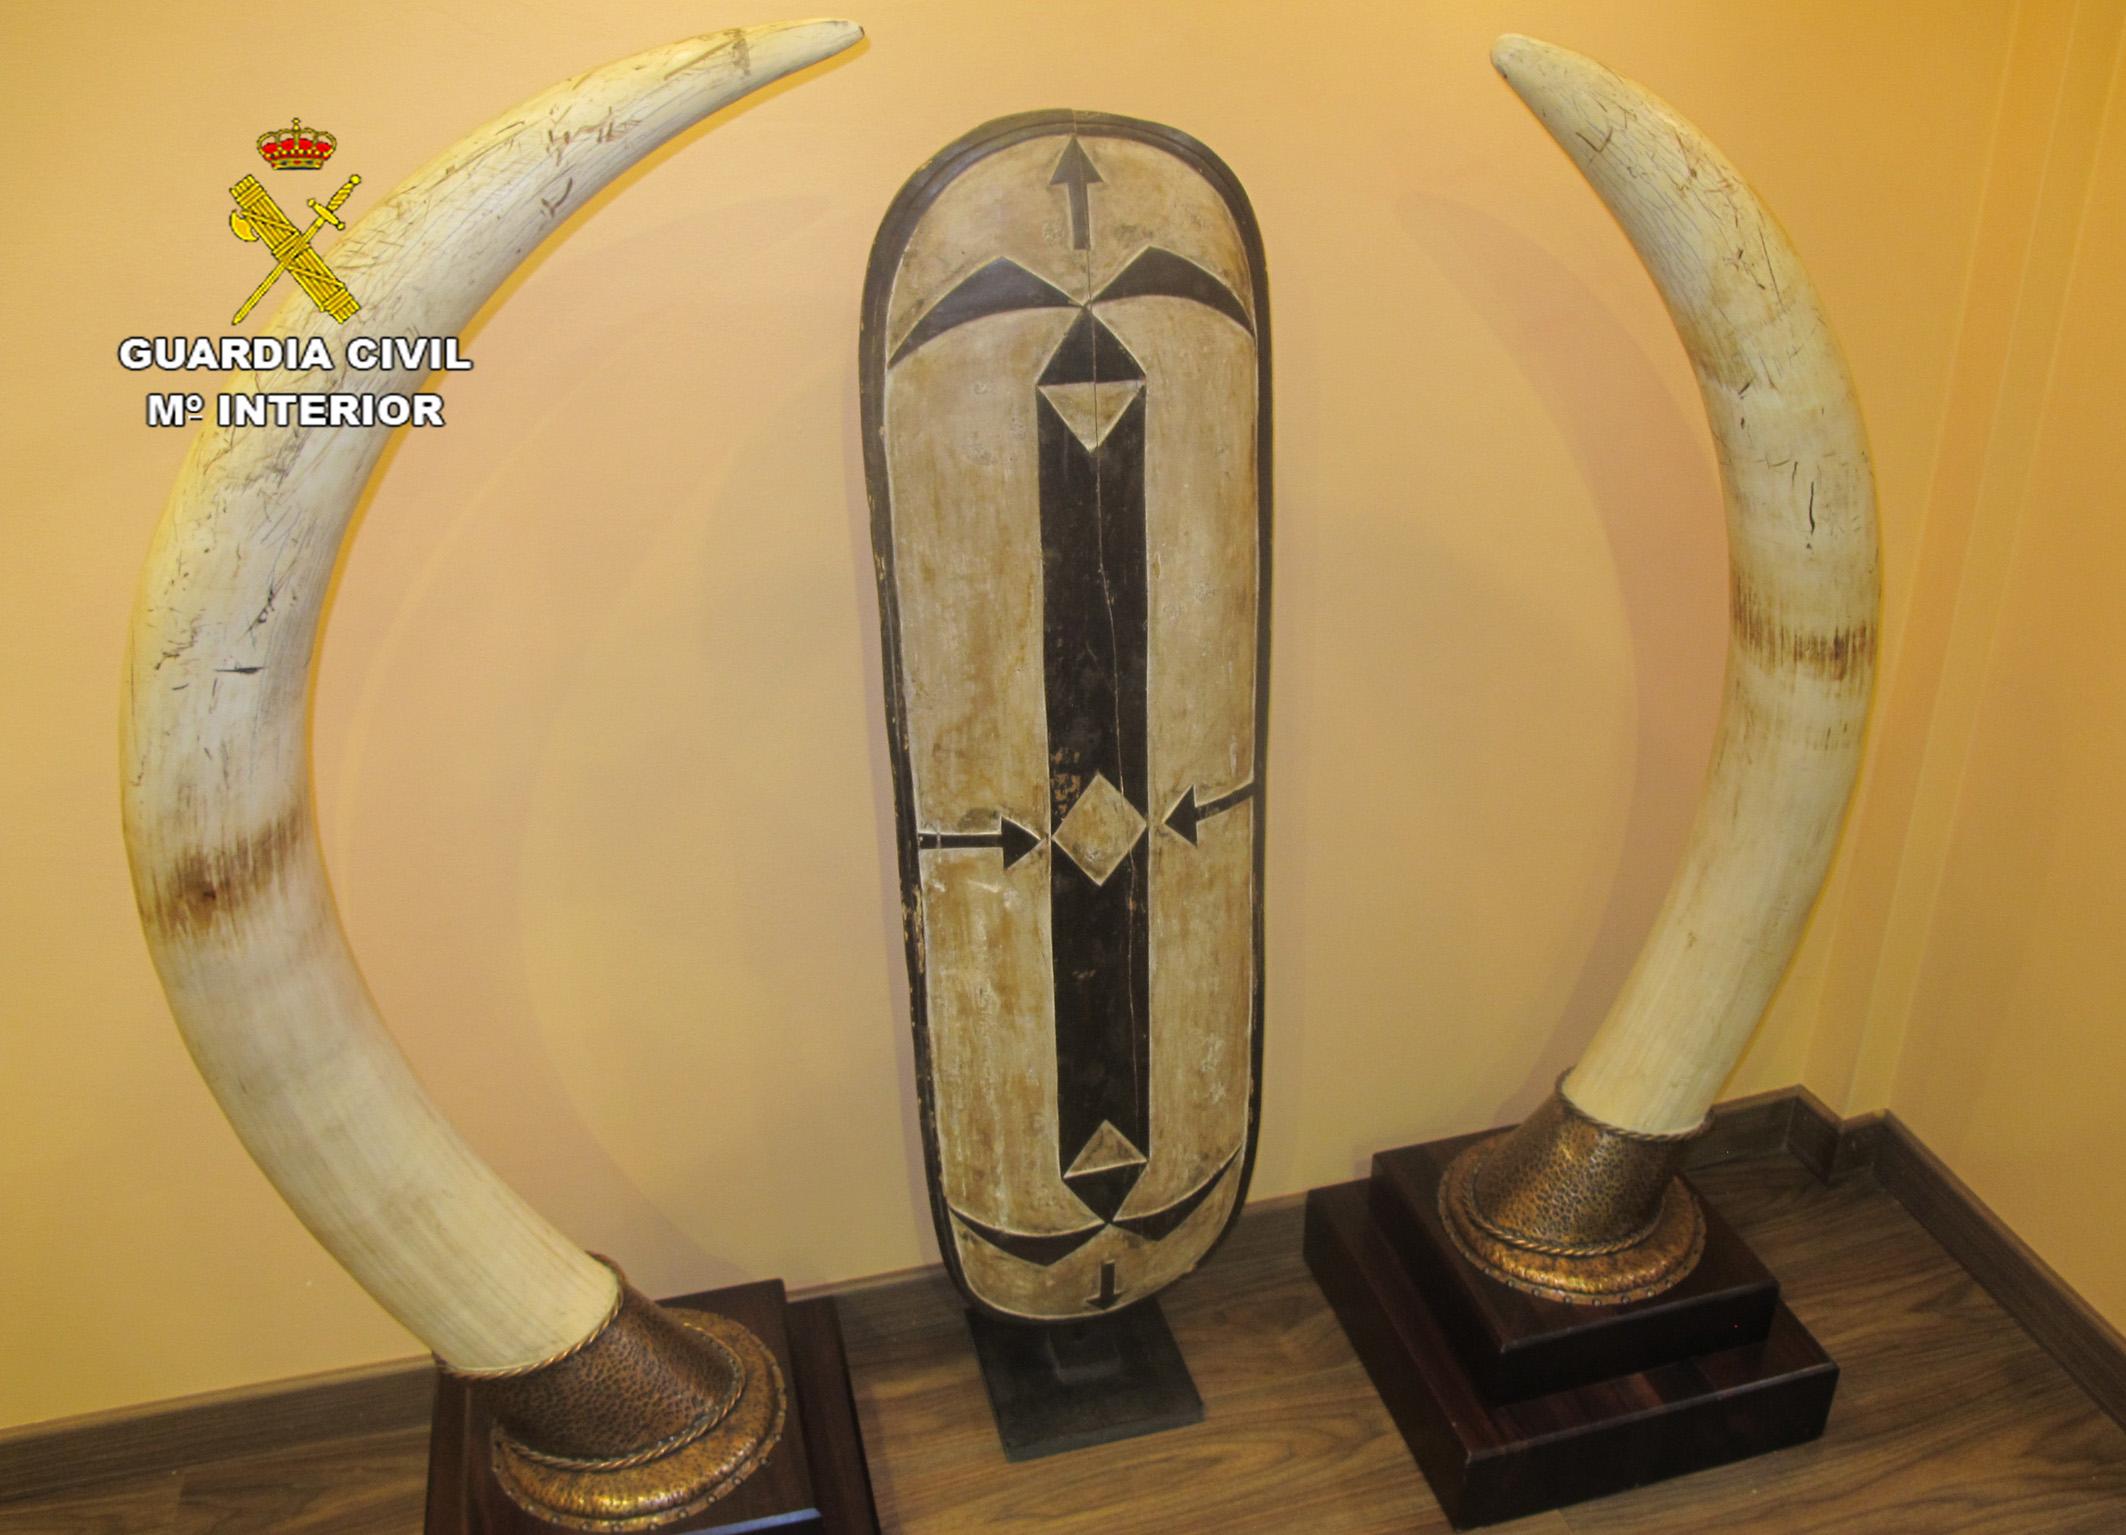 Colmillos de elefante. Imagen: Seprona